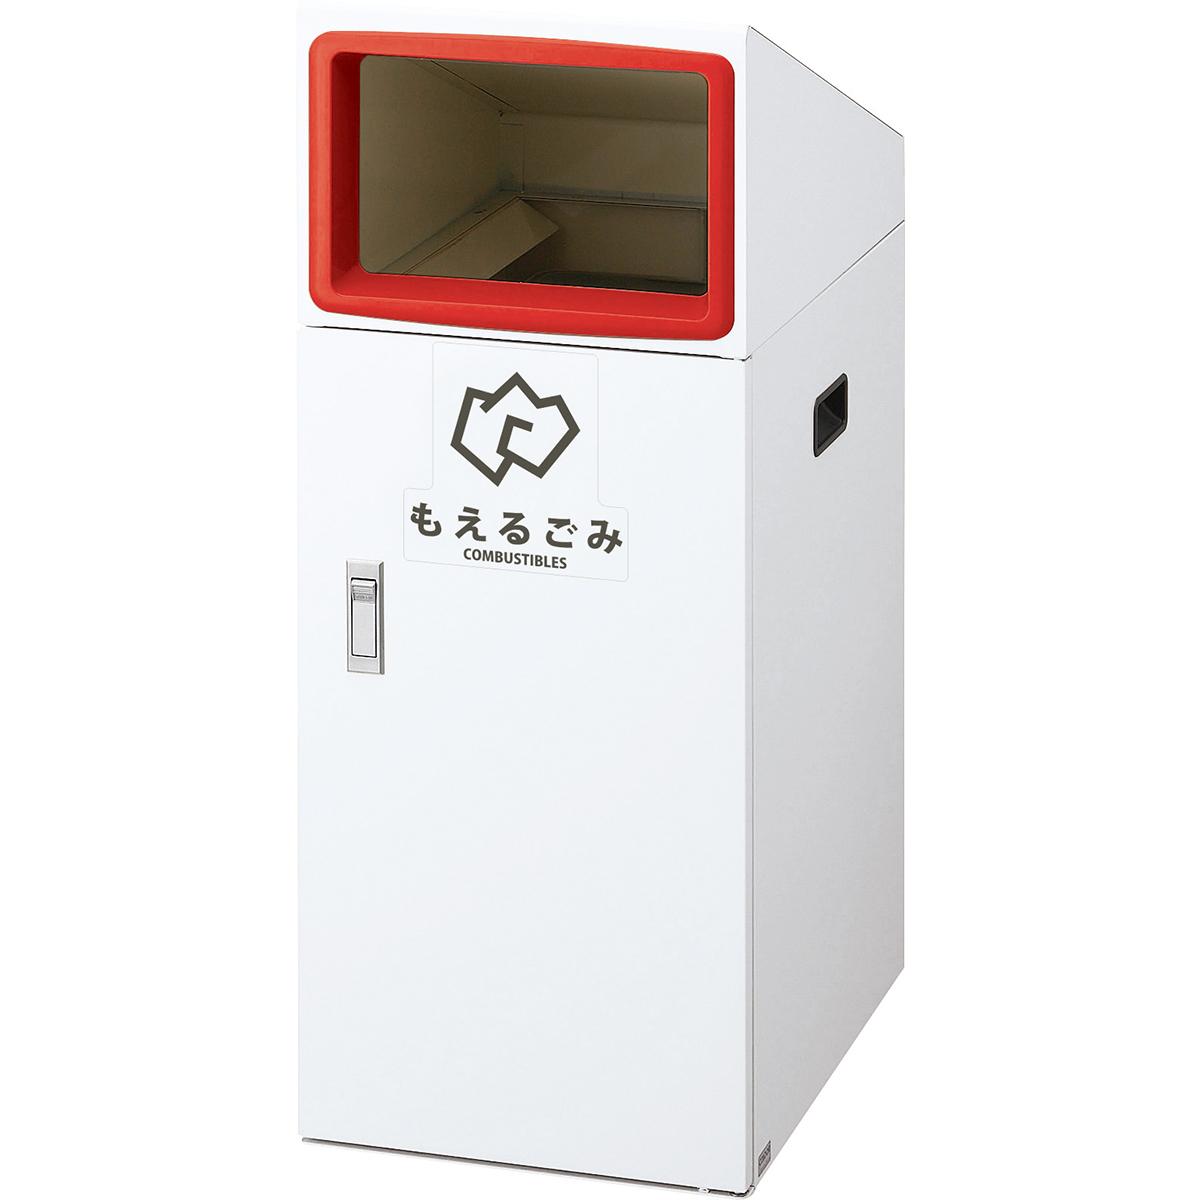 山崎産業 リサイクルボックス TO-50 50L もえるゴミ/R(赤) (代引不可) YW-384L-ID